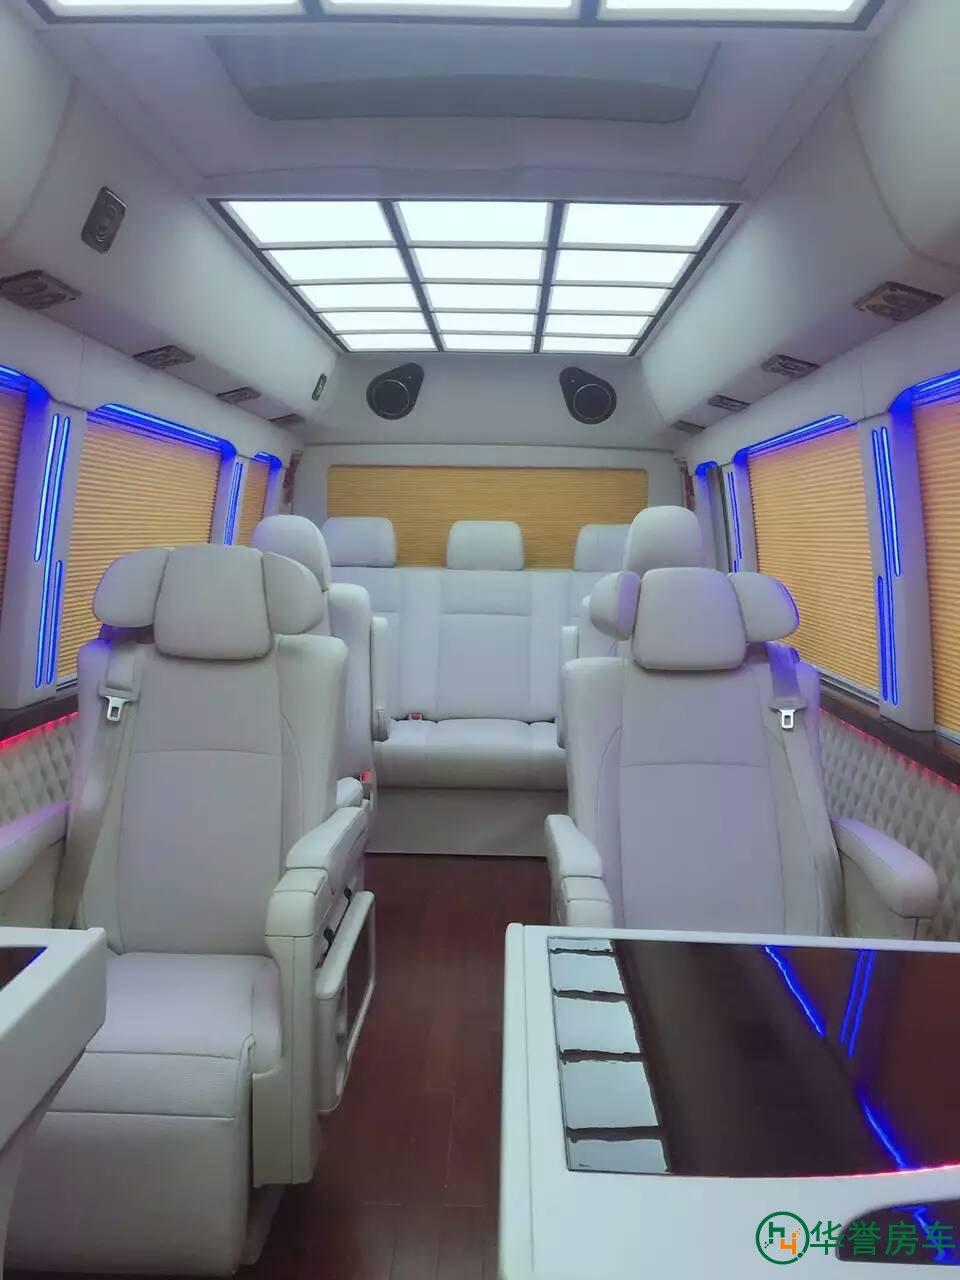 超豪华版丰田中巴考斯特(柯斯达)中巴商务车,中巴改装,改装之后的中巴不仅解决了低碳、节能、环保、舒适的功能,而且还具有空间大、装饰豪华、乘坐舒适,能给宾客带来备受尊重的感觉。 中巴改装主要是采用各种中巴类型底盘改装,其风格保留了原不张扬的外形特点,秀外慧中,内布局个性化设计,宽敞舒适,内饰家具采用流行设计,前后贯通、融为一体,使整行驶安全,密封性,保温性、乘坐舒适性、方便性均得到完整的体现。